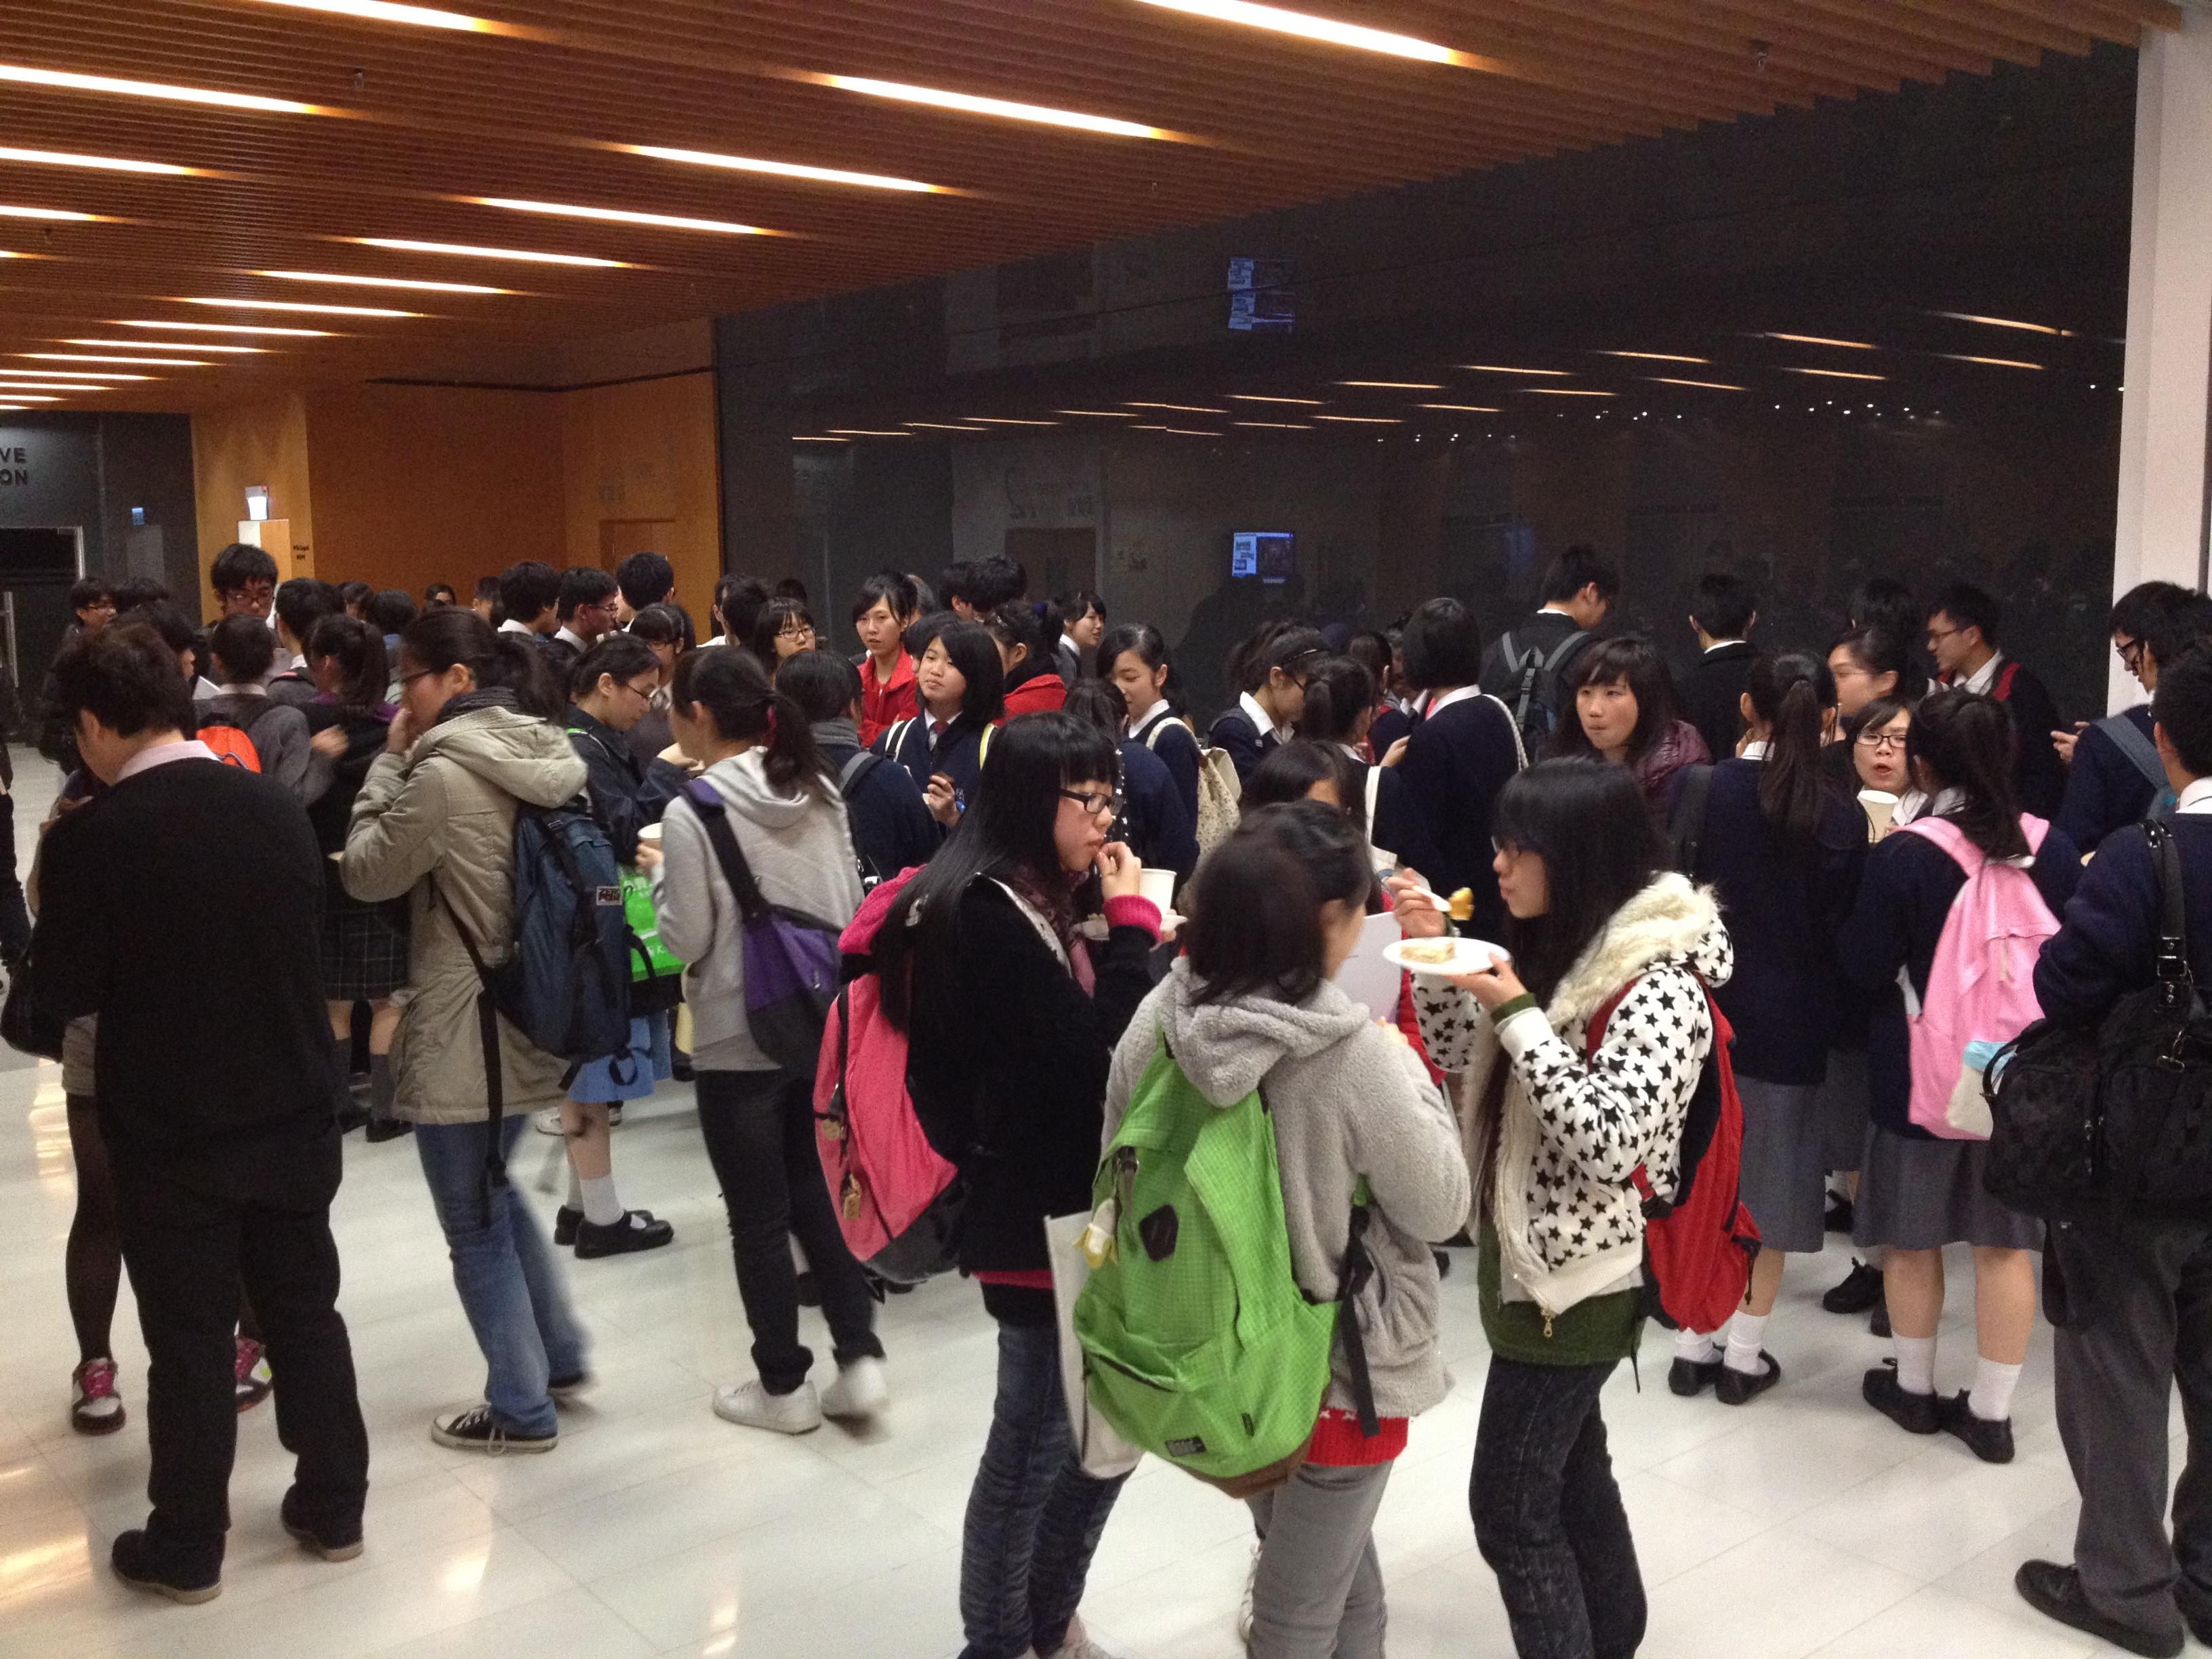 同學們在講座後熱烈討論講座內容。